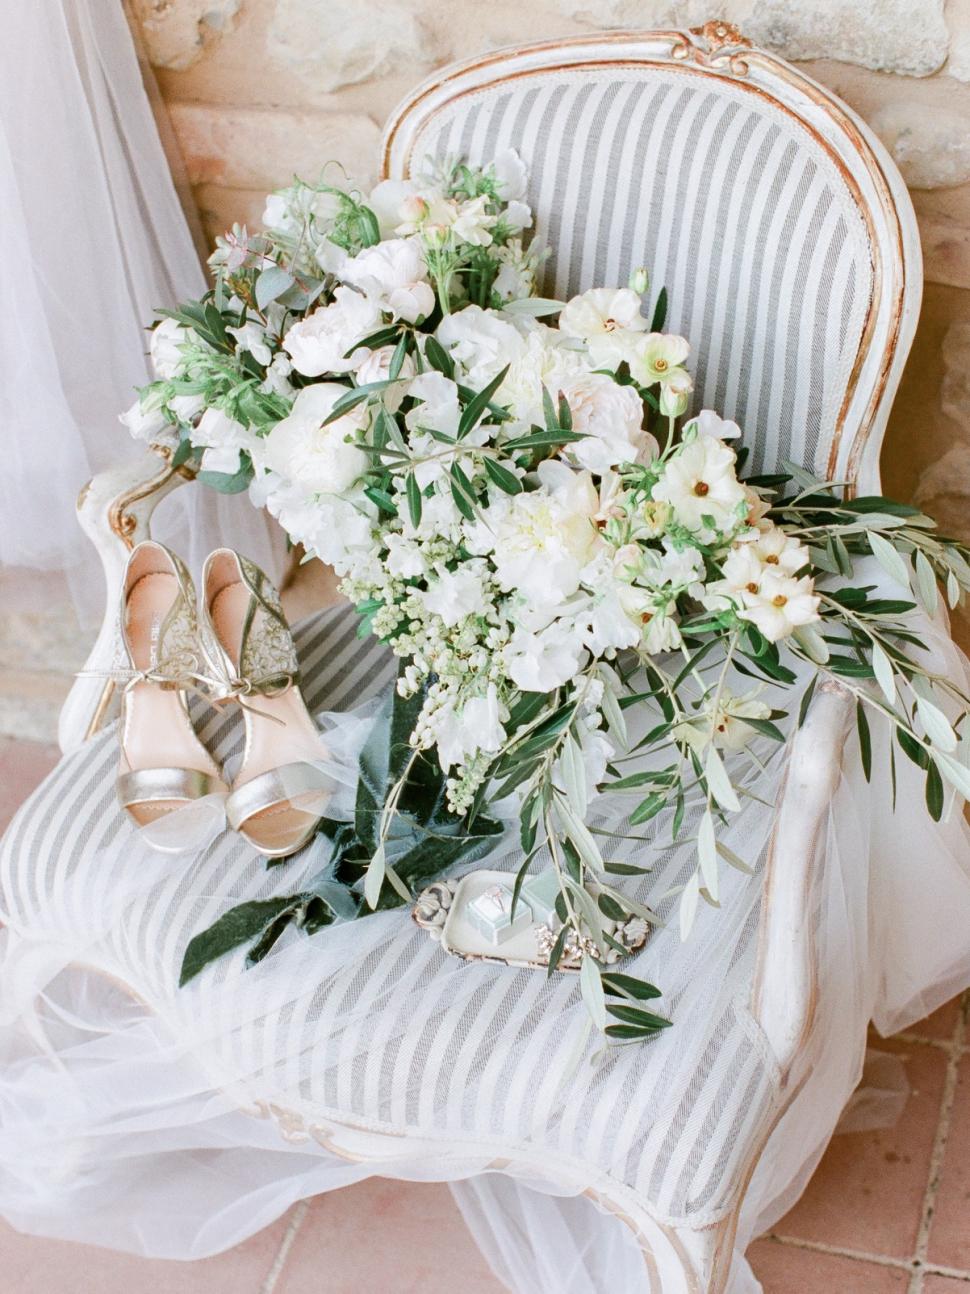 Tuscany-Destination-Wedding-Photographer-Cassi-Claire-Borgo-Petrognano-Florence-Wedding-11.jpg